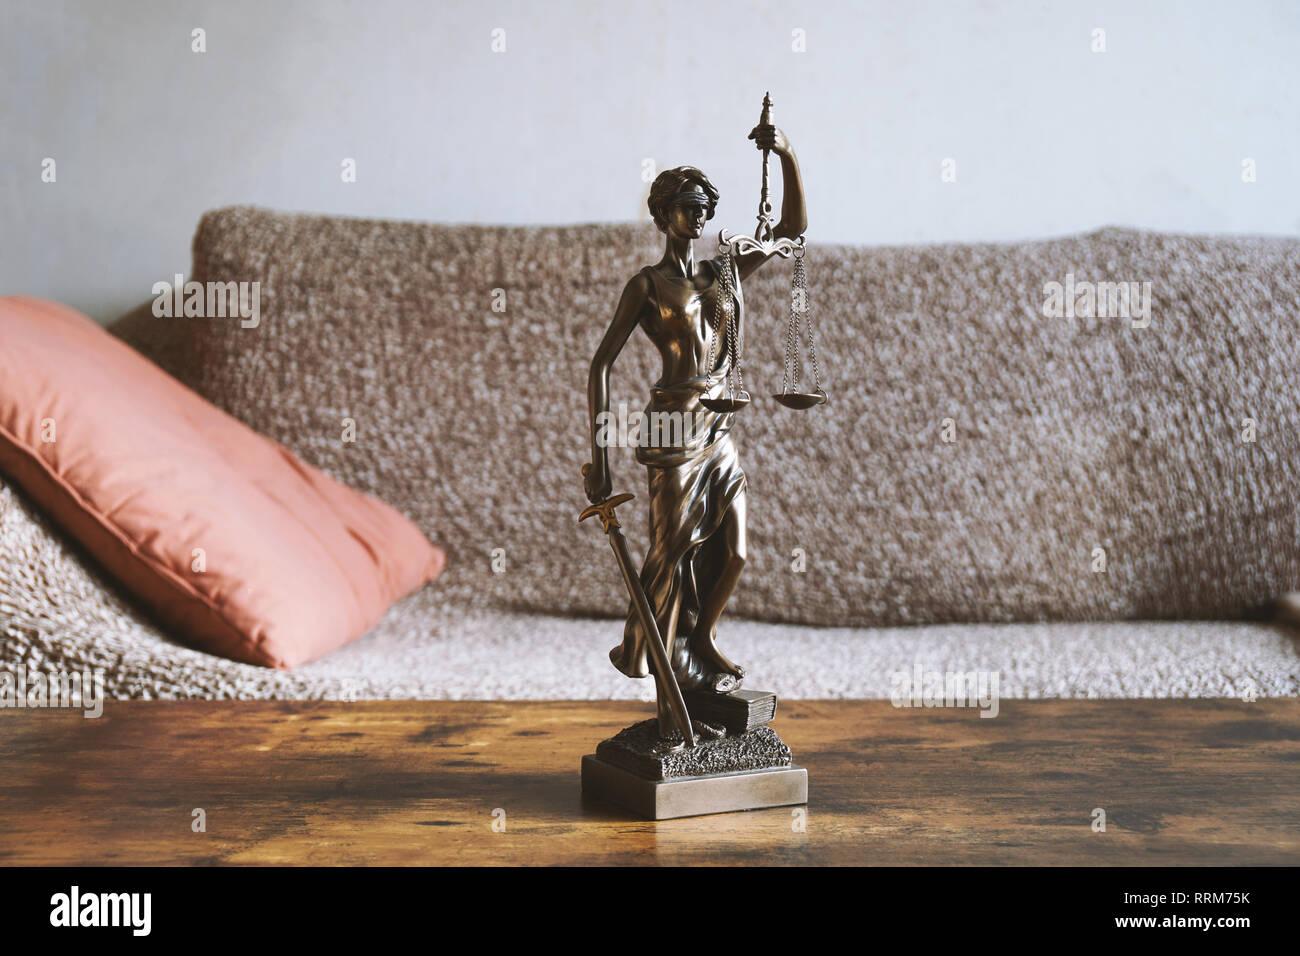 señora de la justicia o la estatua de la justificación en la mesa - propietario y derecho de inquilino Foto de stock